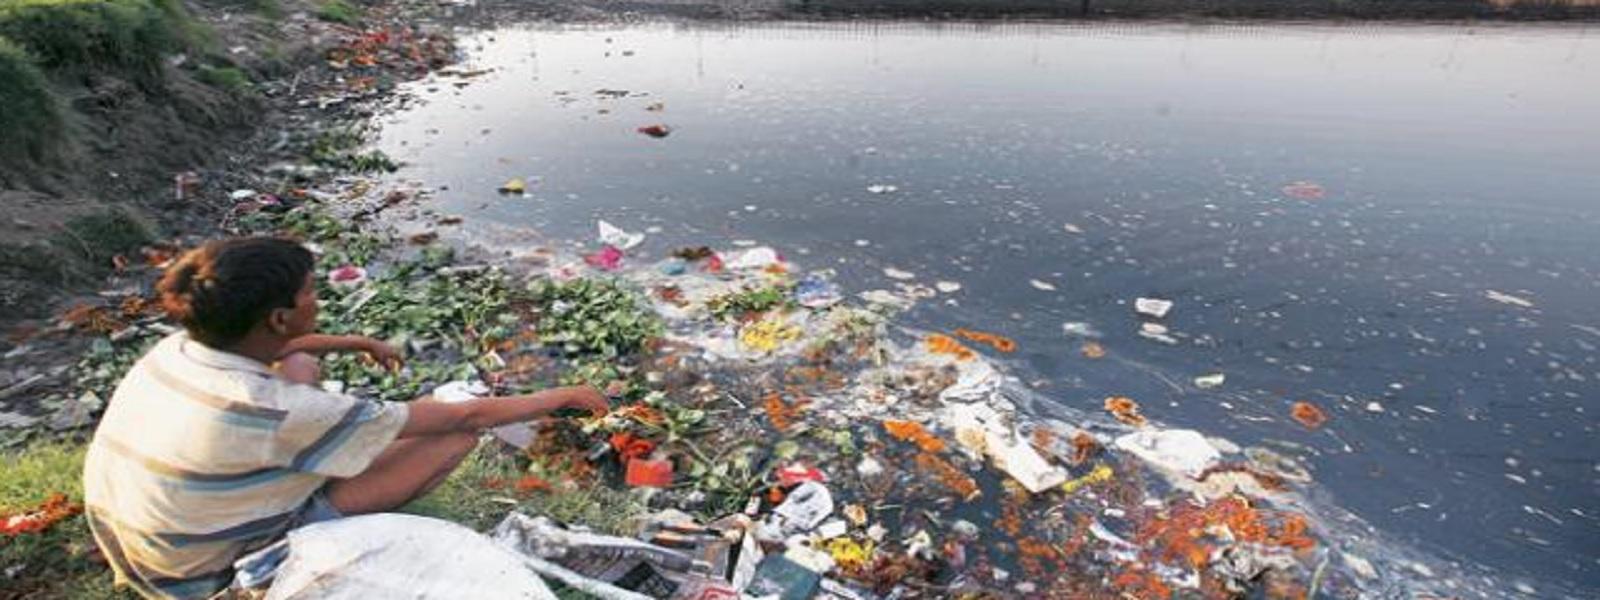 யமுனை ஆற்றில் ஏற்பட்டுள்ள மாசு டெல்லி காற்று மாசில் தாக்கம்